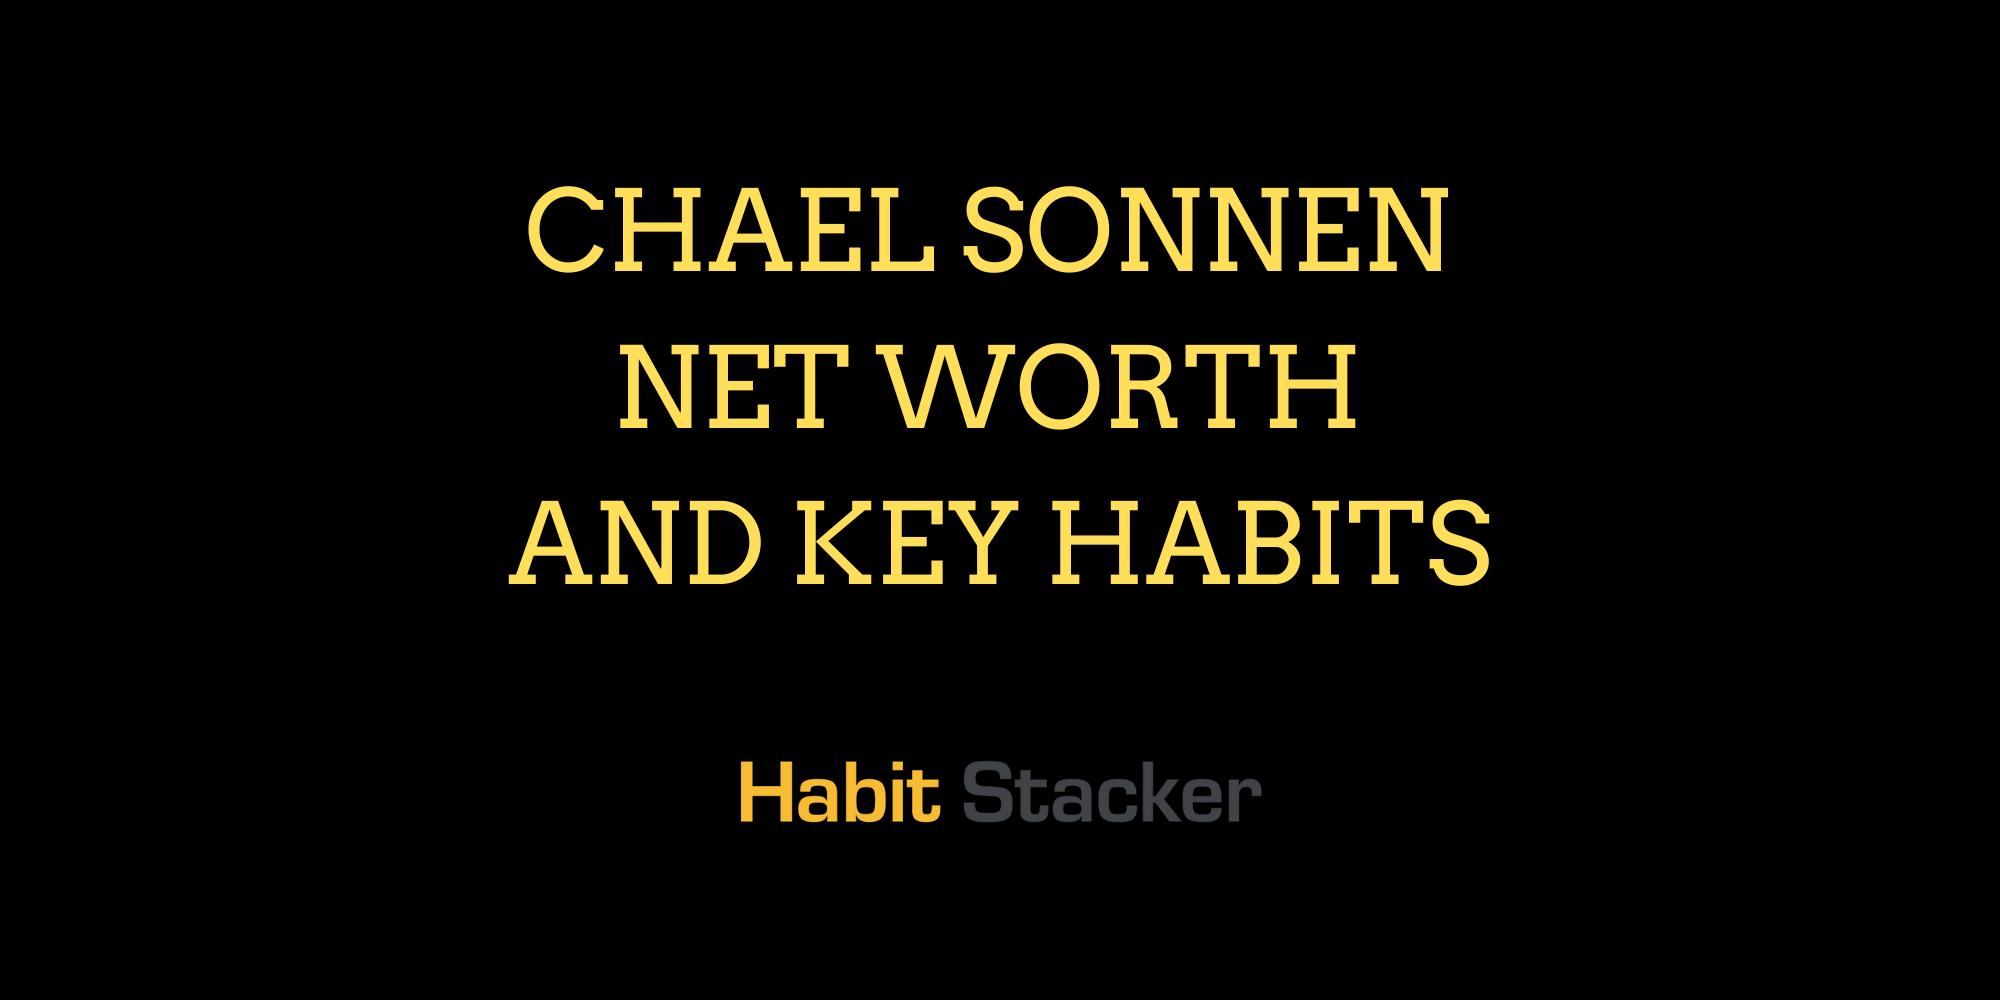 Chael Sonnen Net Worth   Habit Stacker